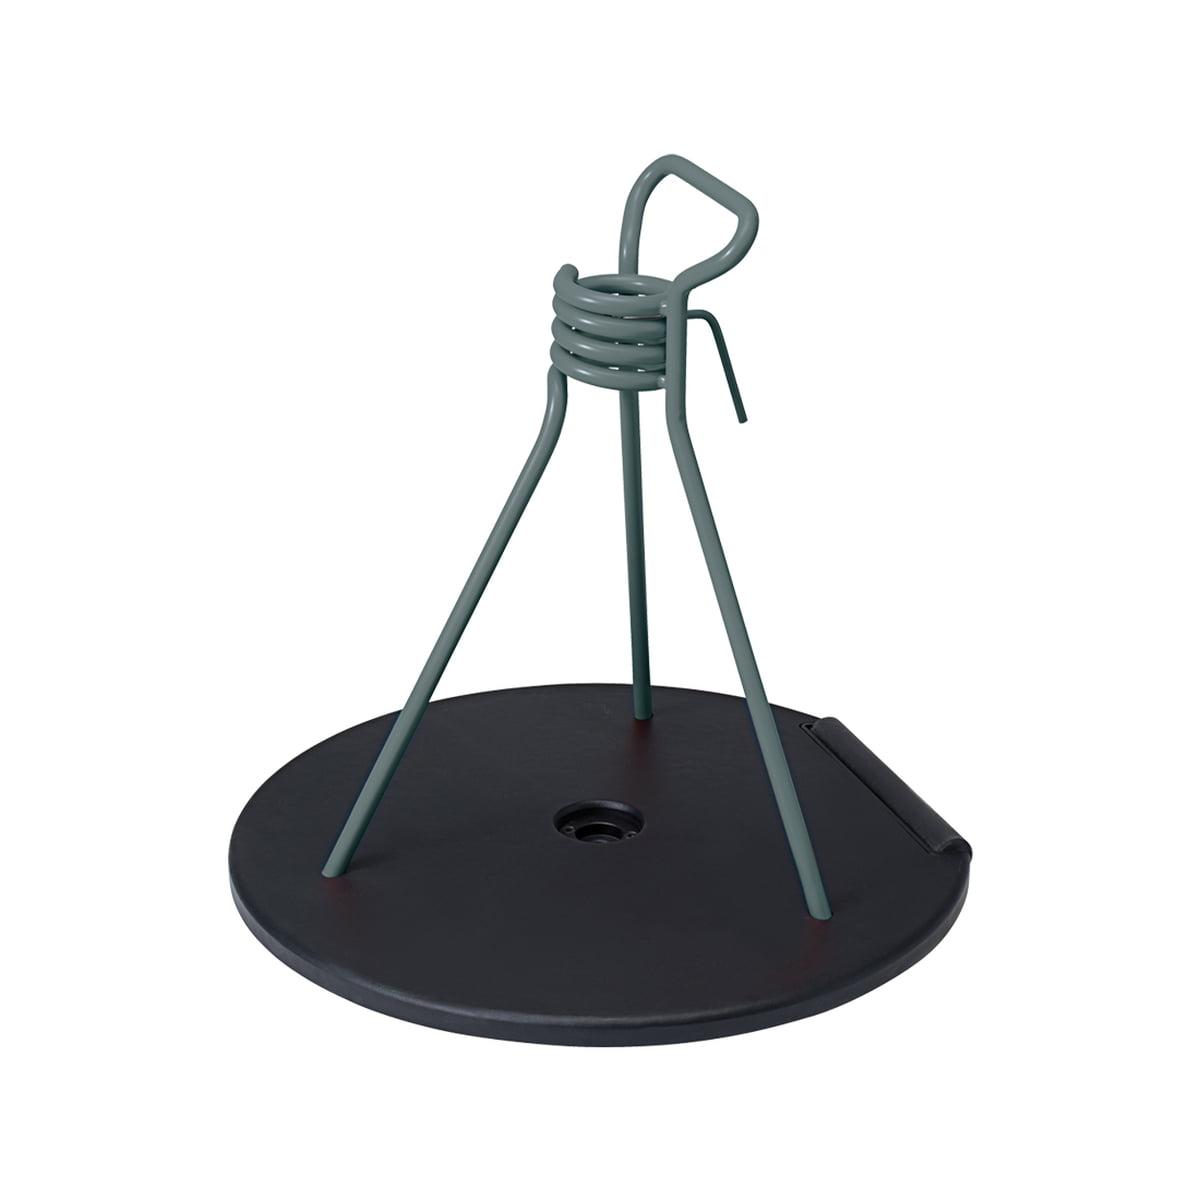 Fermob - Zébulon Schirmständer, gewittergrau | Garten > Sonnenschirme und Markisen > Sonnenschirmständer | Gewittergrau | Sockel aus schwarzem gusseisen und stahldraht -  polypropylengleiter | fermob